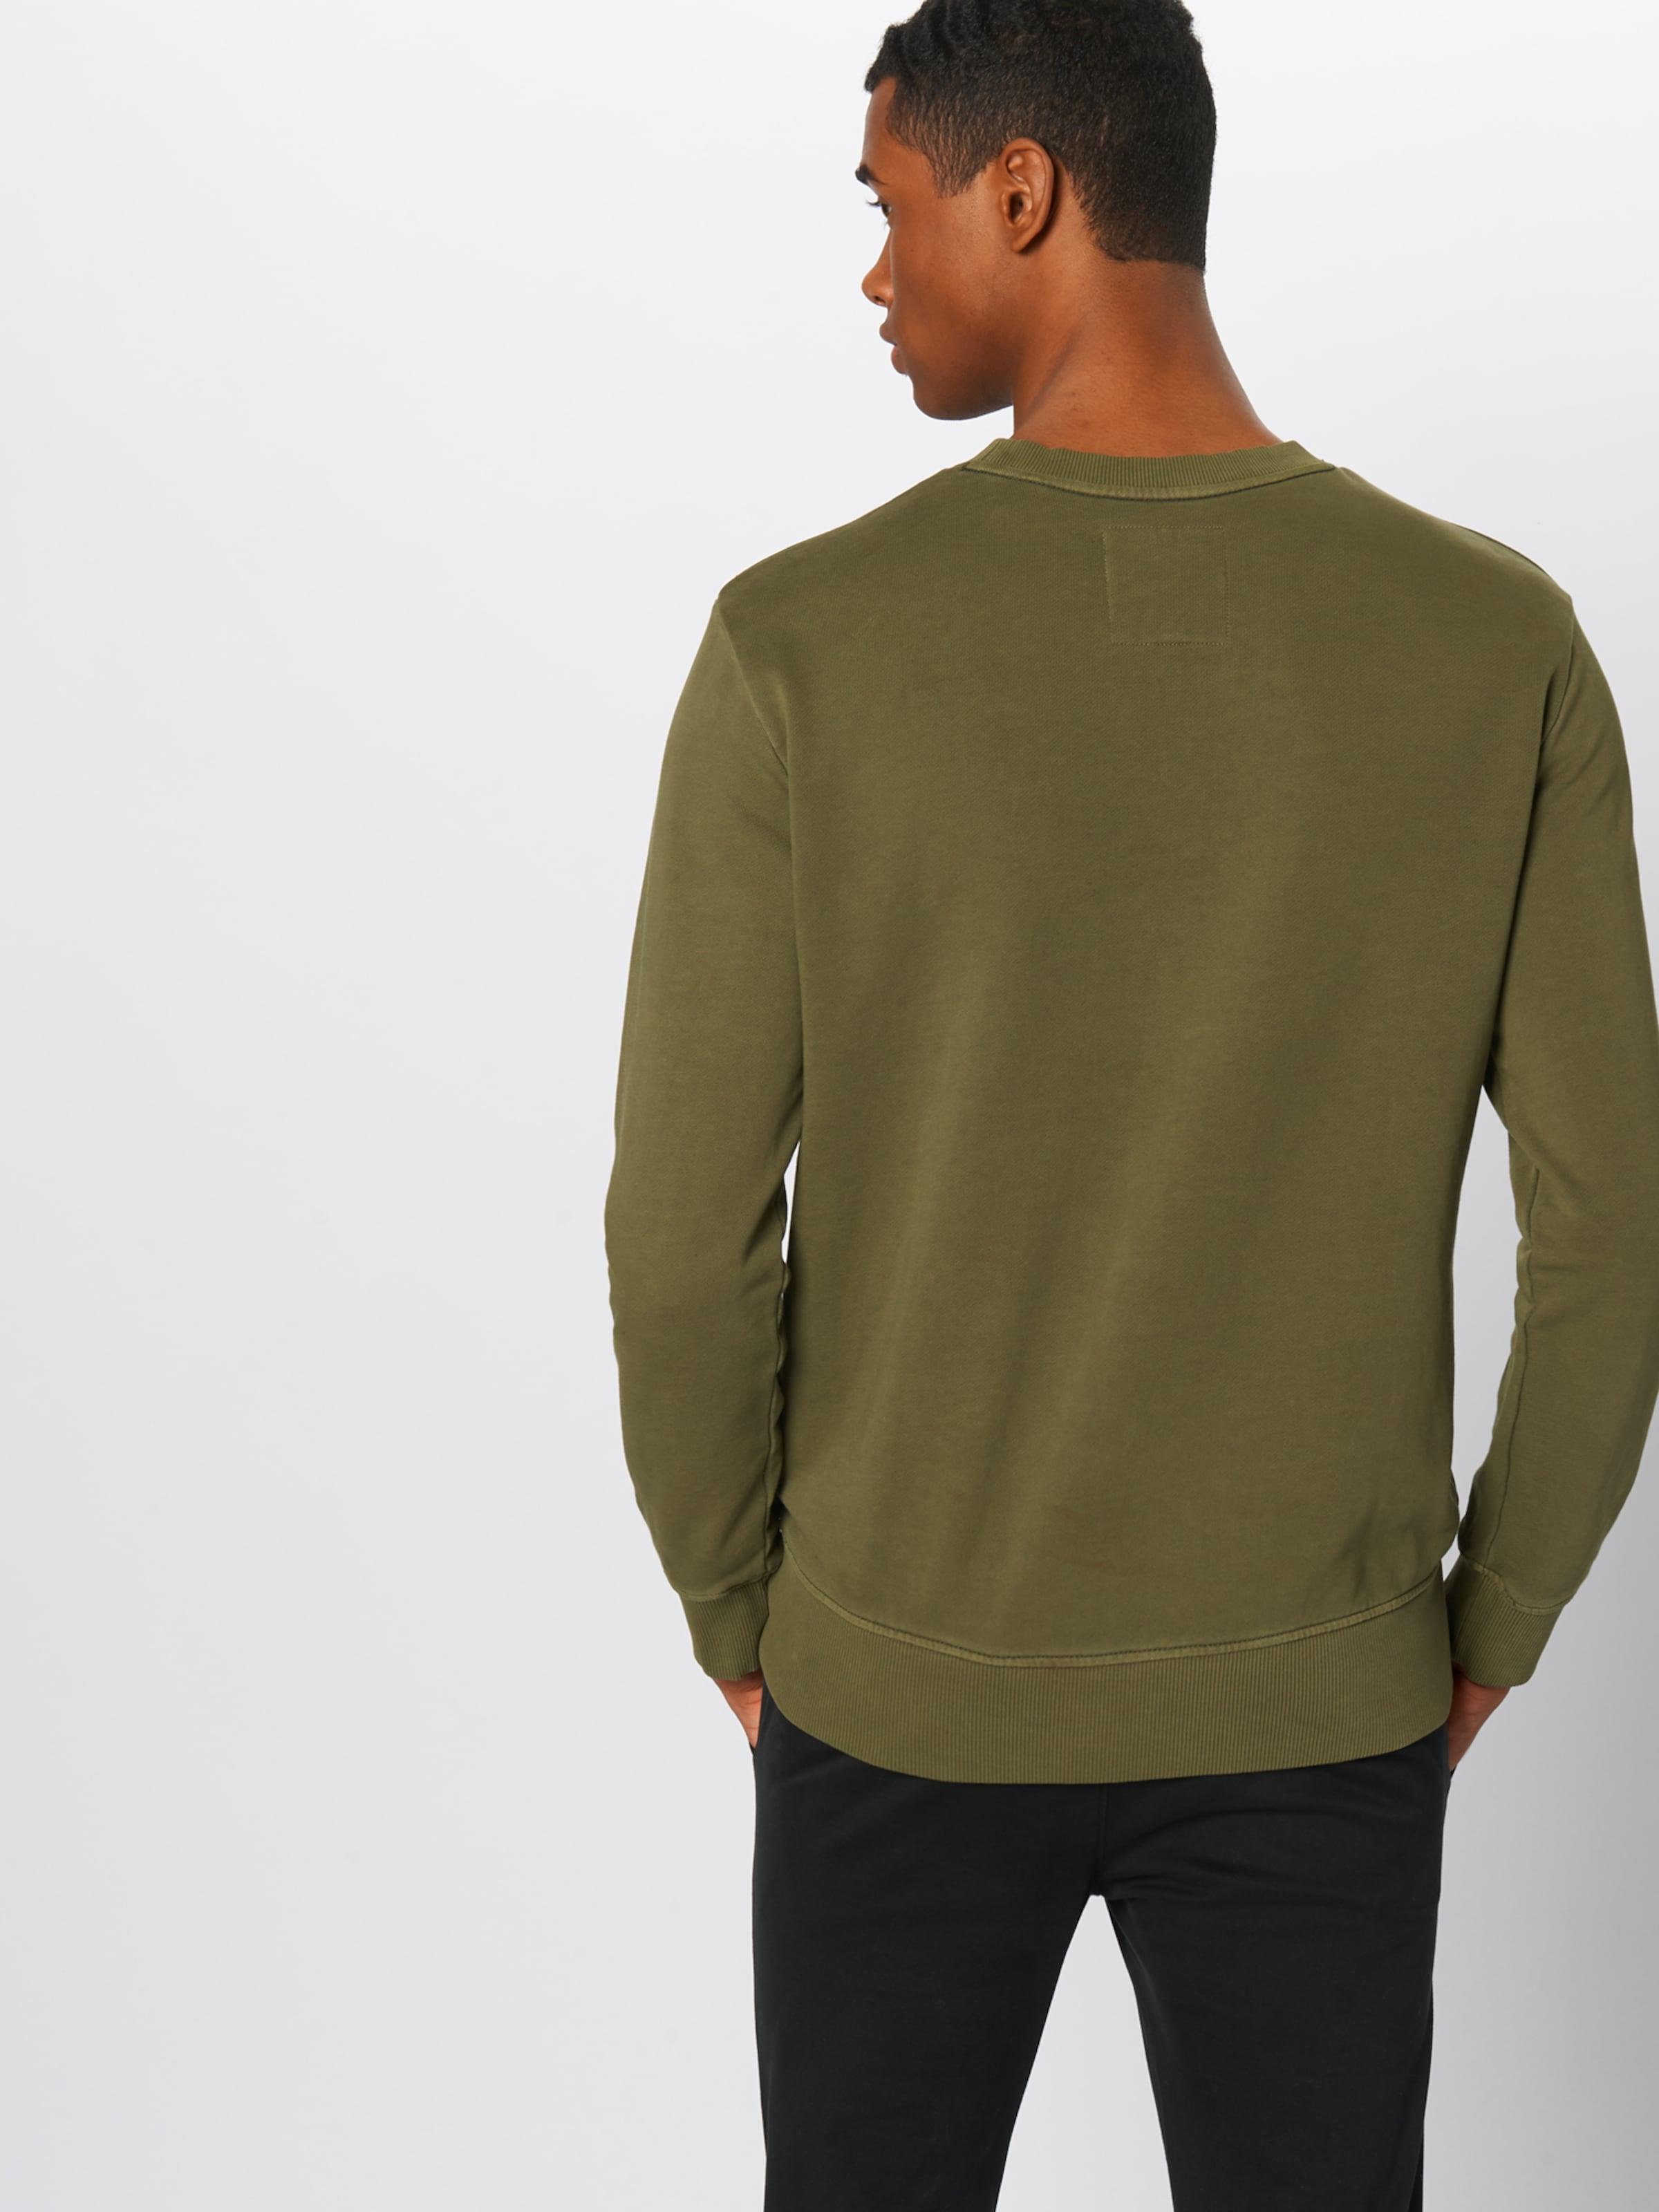 G Raw Foncé En Vert star shirt Sweat SRj35A4qcL